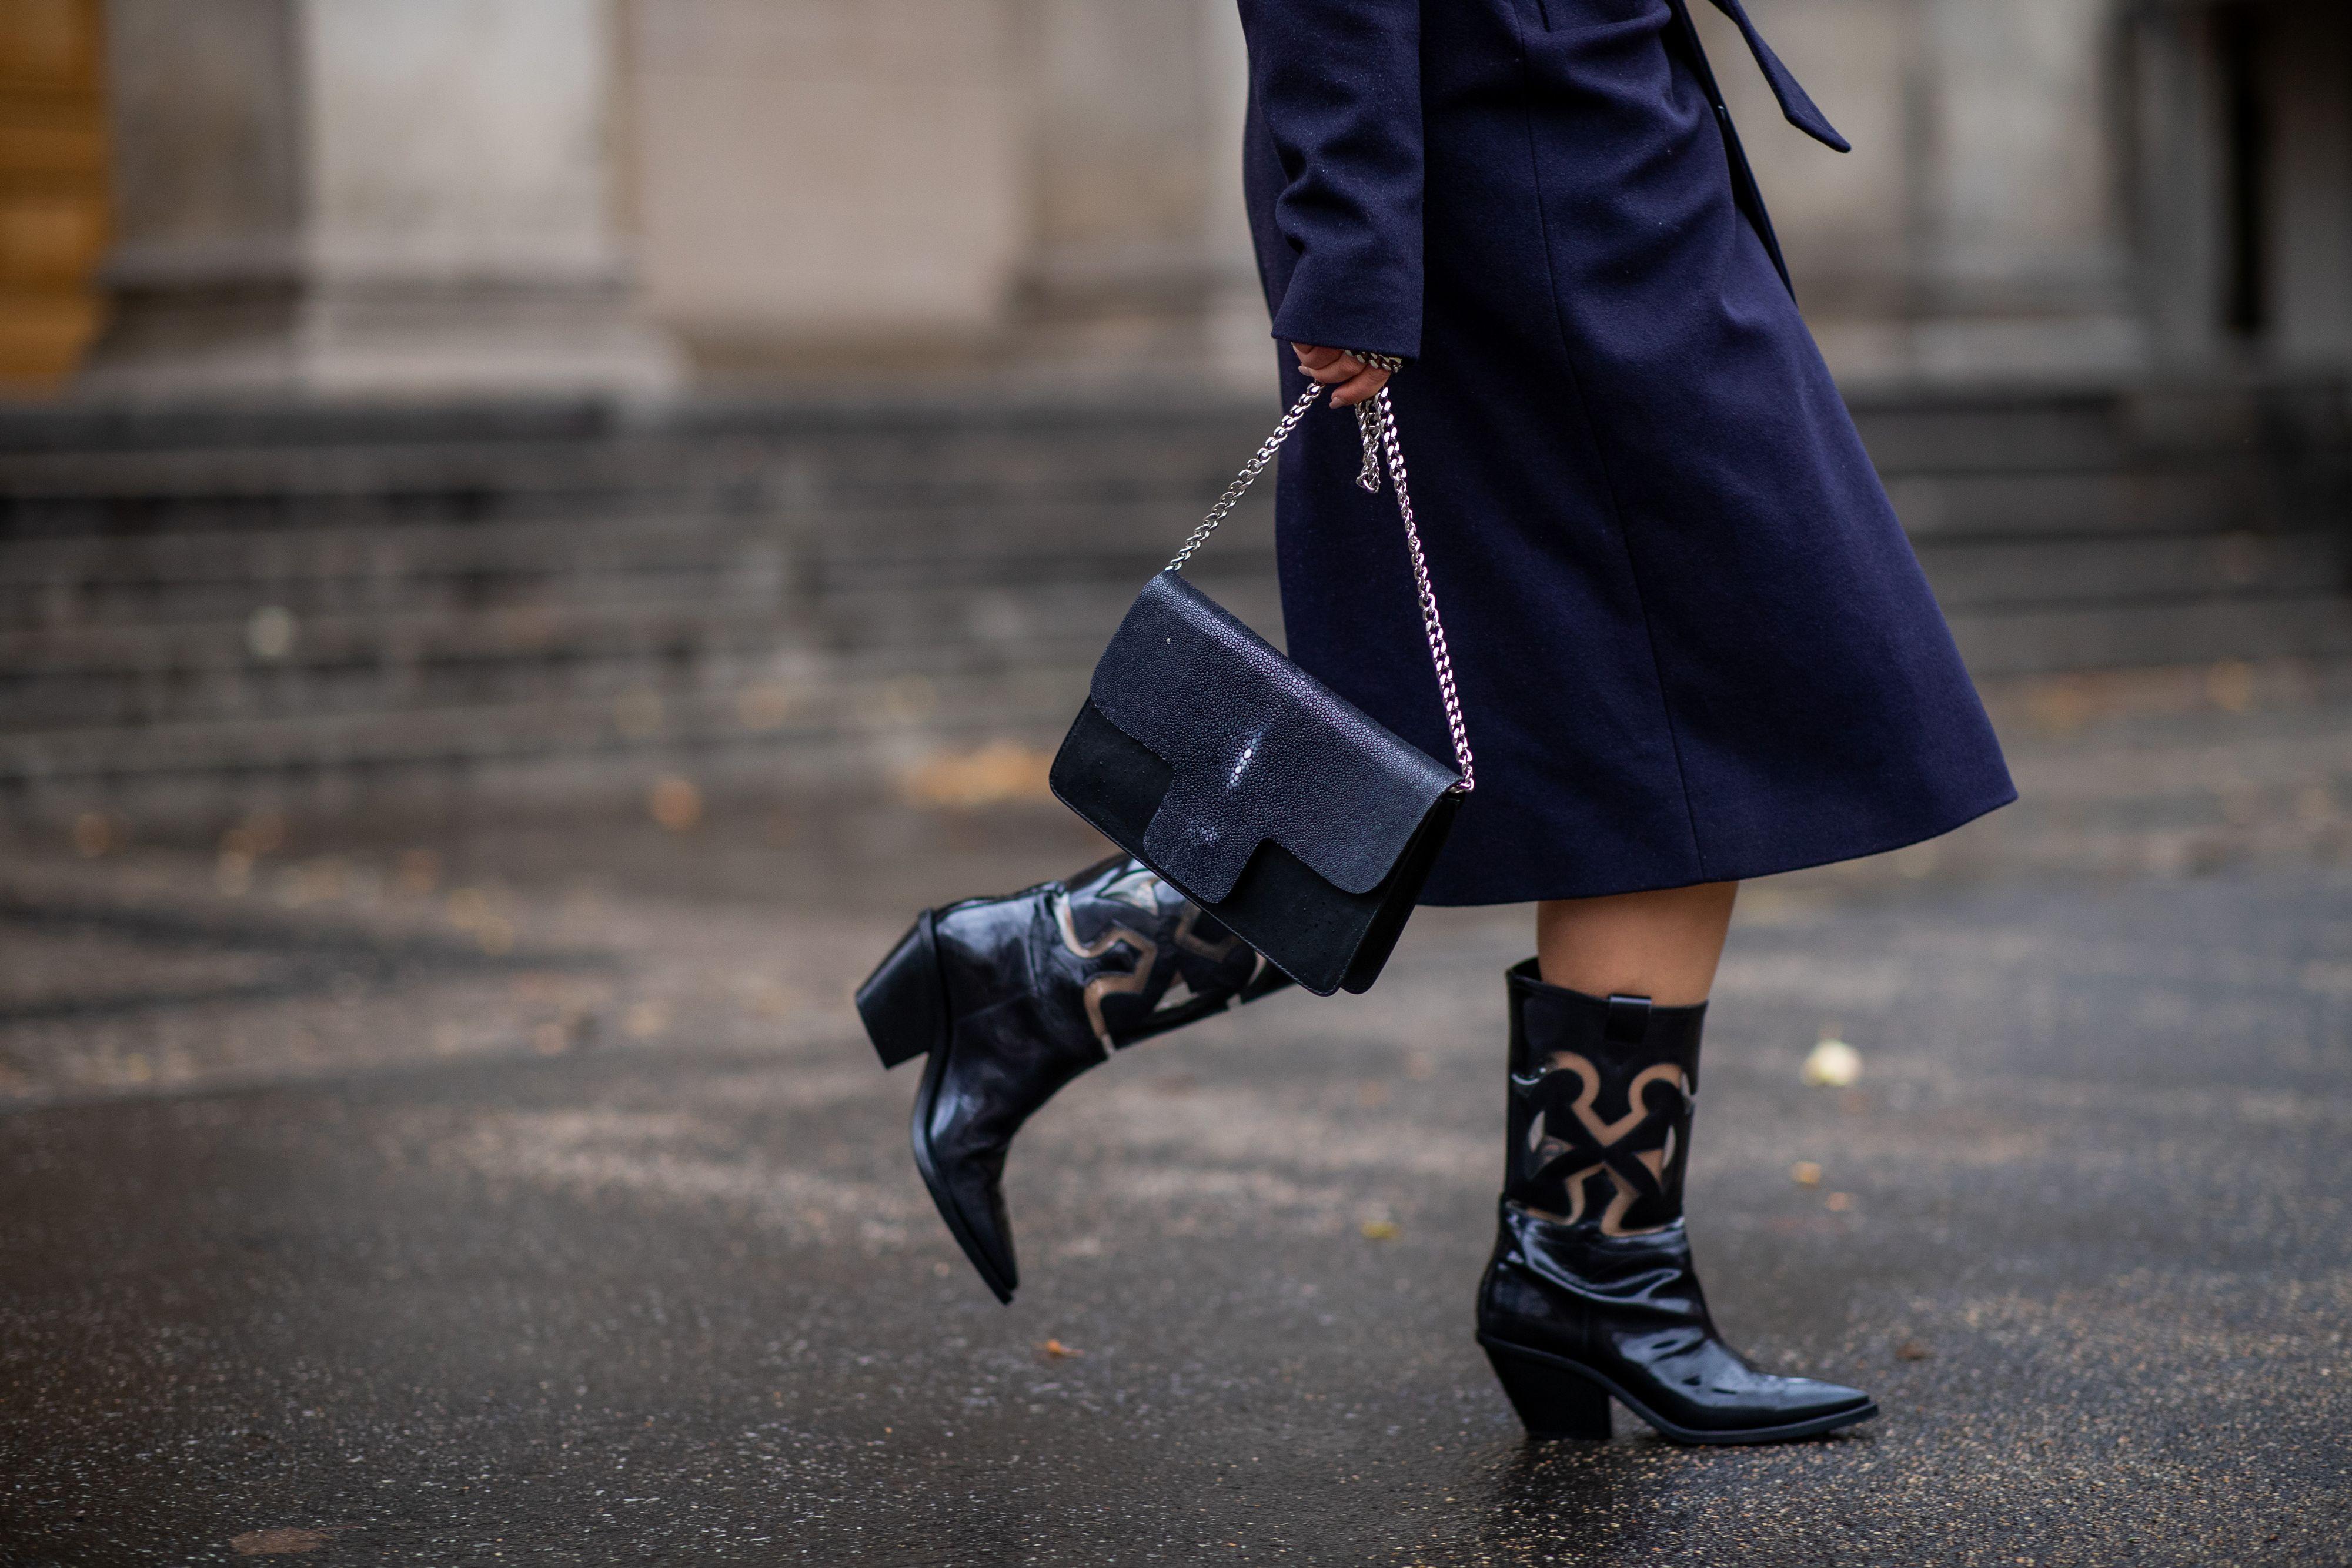 Combinar Debes 7 Tu Zapatos Son Estos Los Falda O Con Que lFKTc3u1J